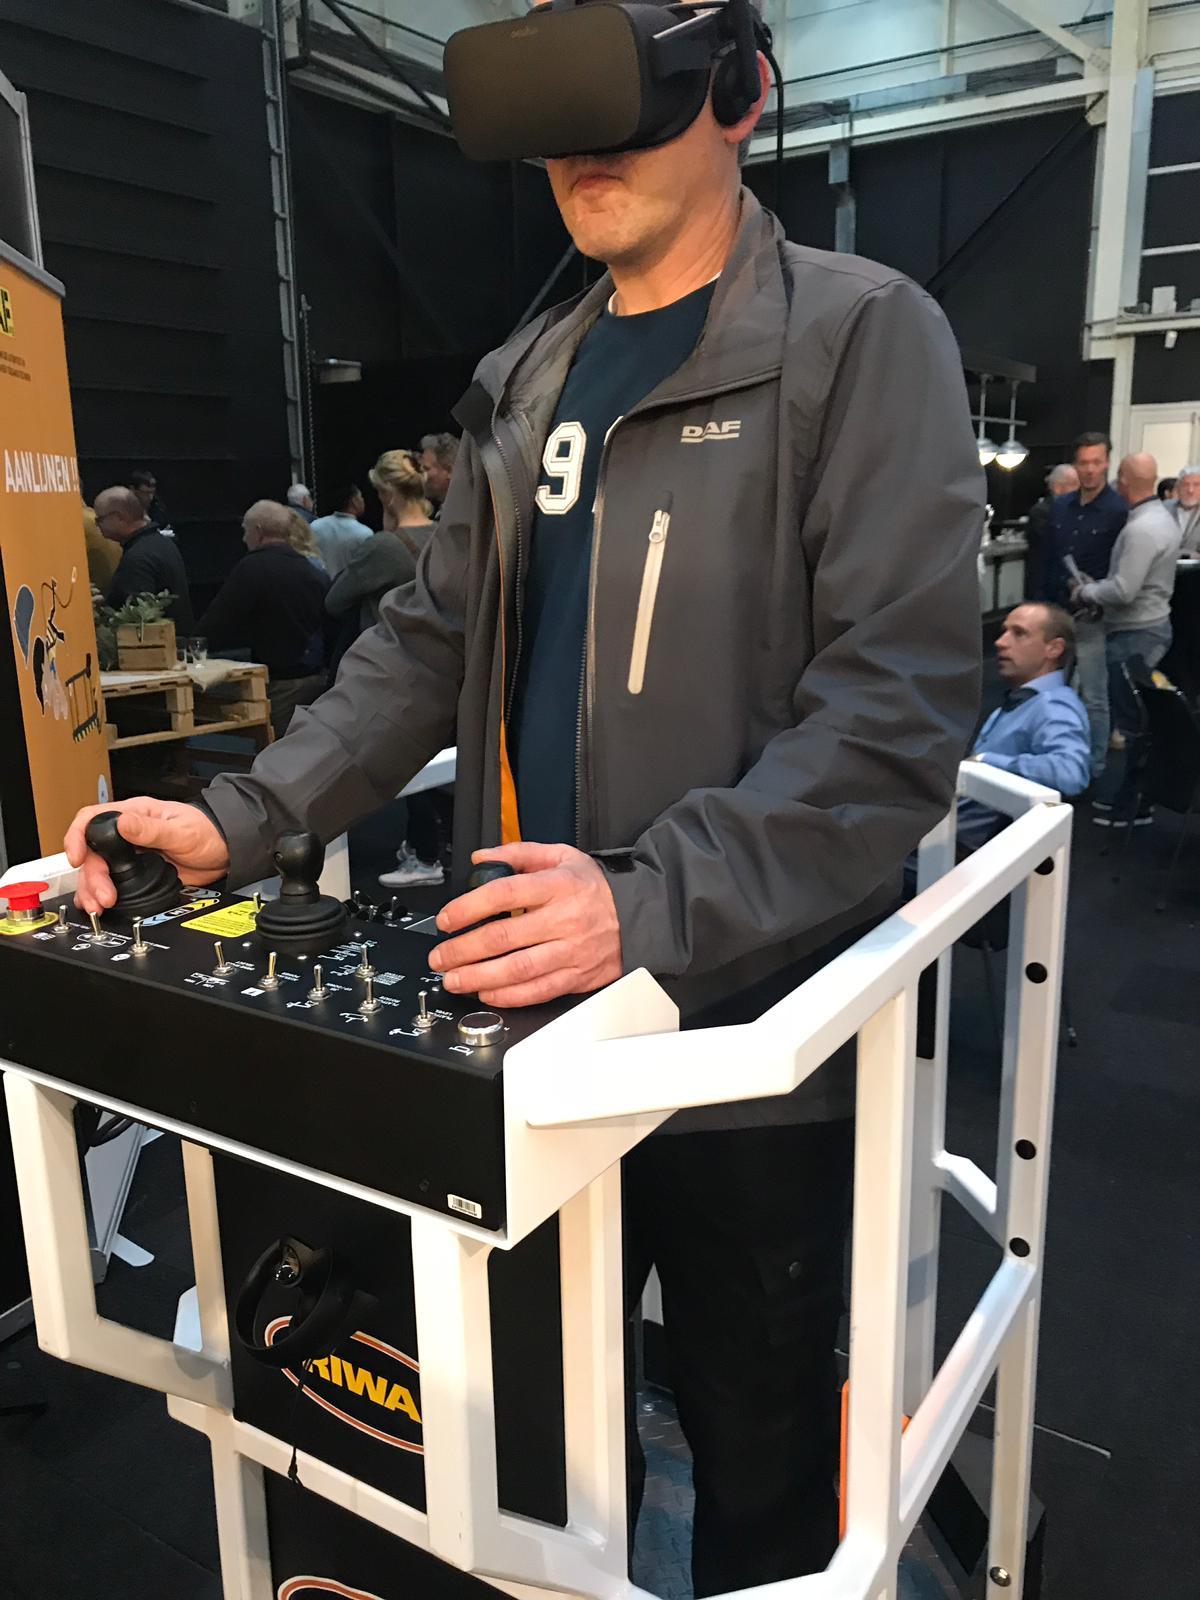 Riwal Virtual Reality Training Simulator in use at IPAF show